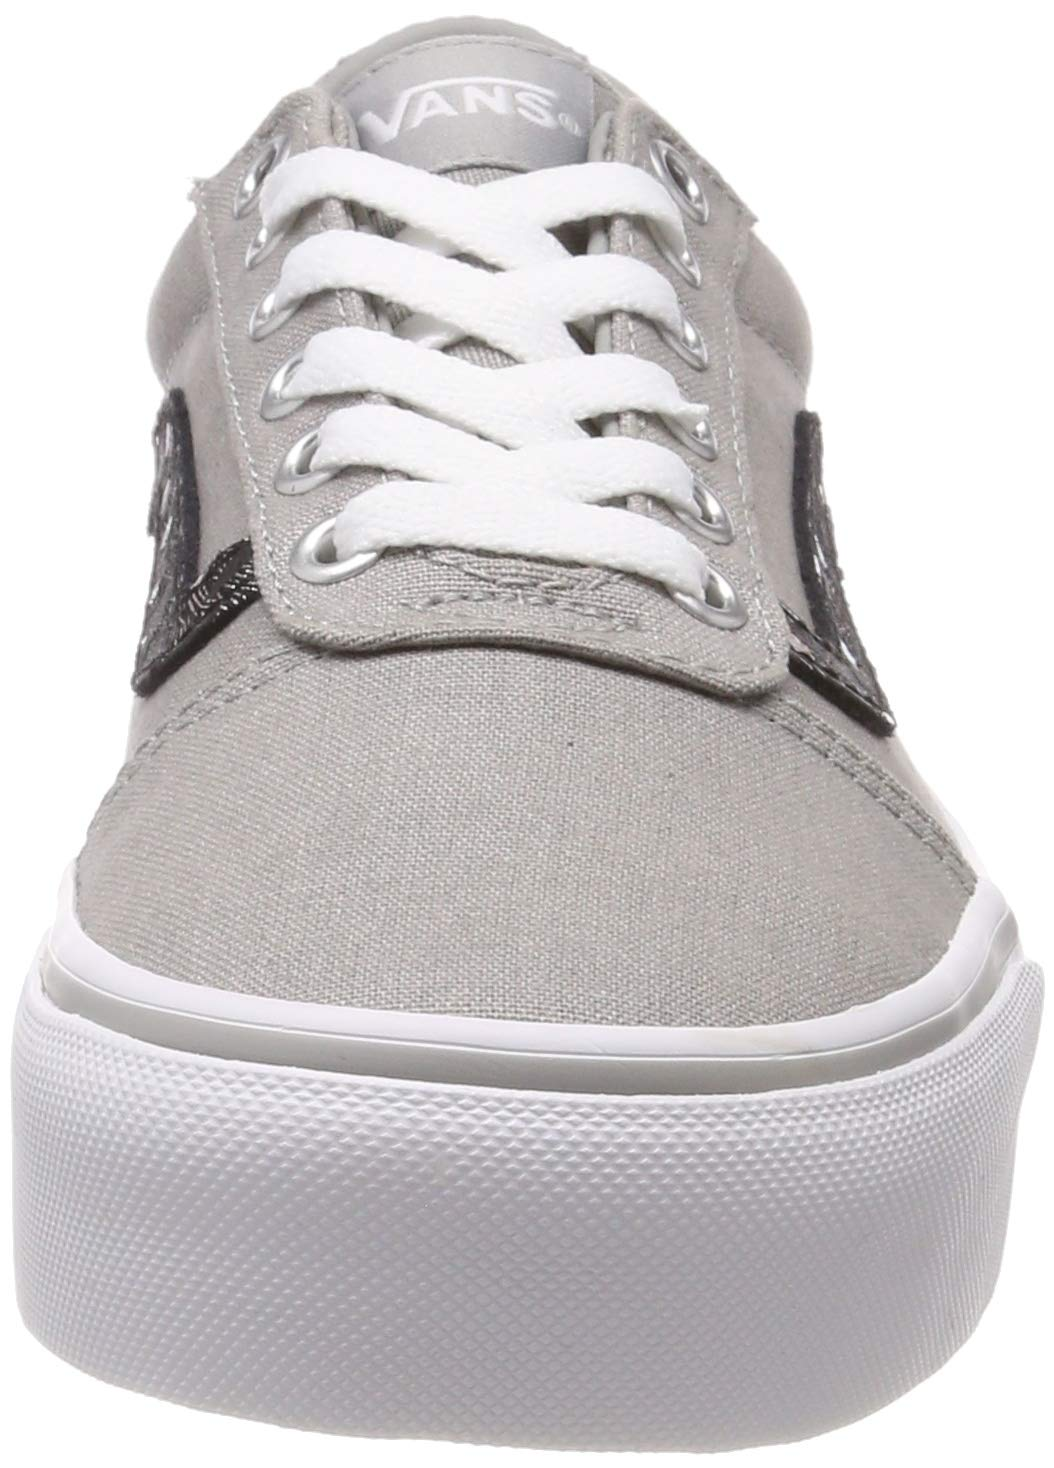 vans ward platform canvas scarpe da ginnastica basse donna